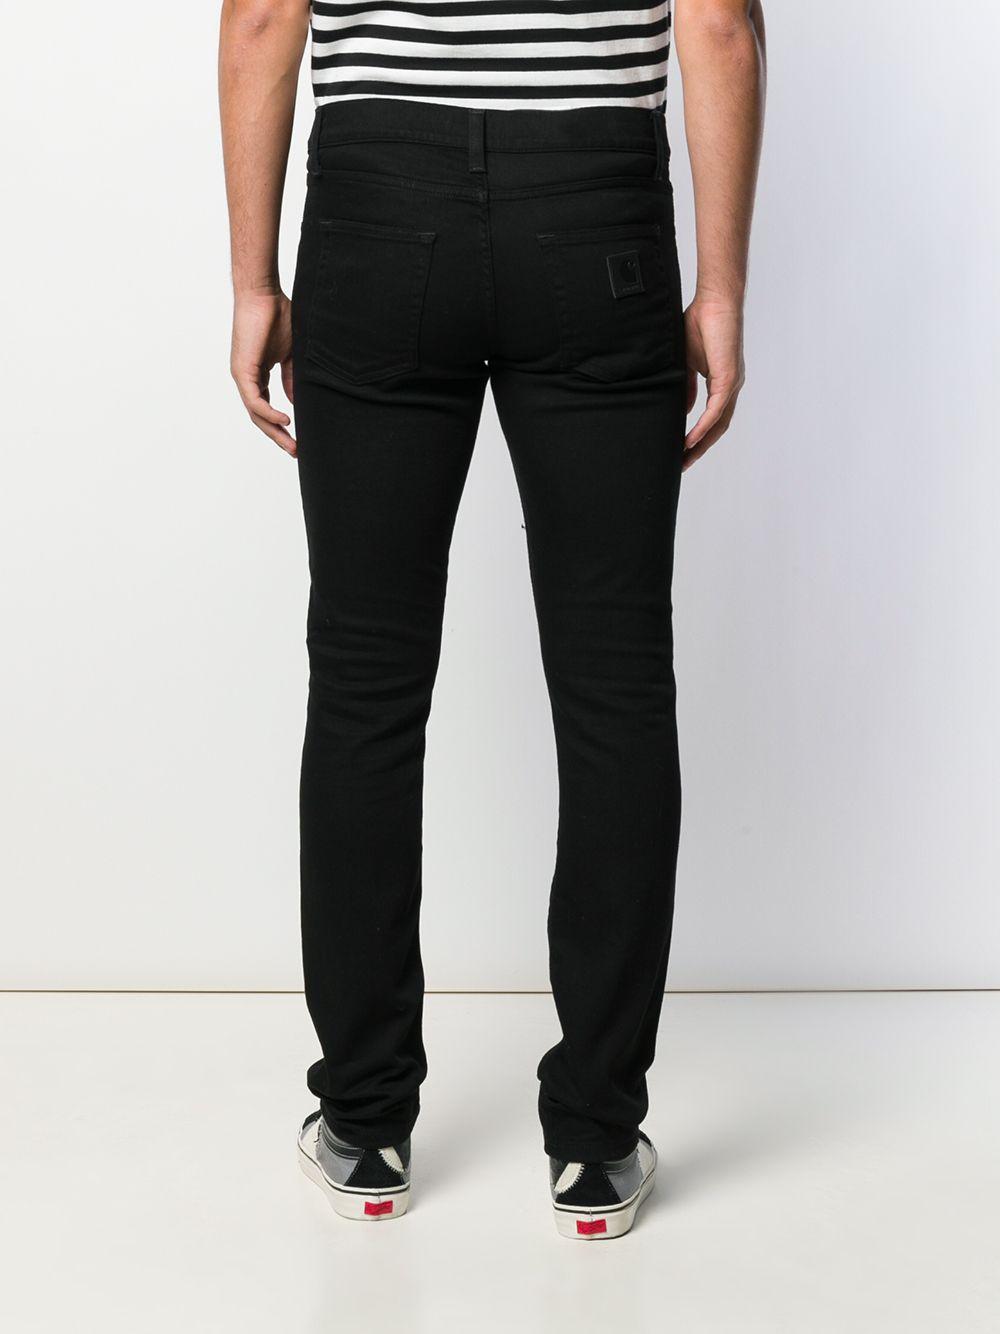 jeans rebel uomo neri in cotone CARHARTT WIP | Jeans | I02494789.02